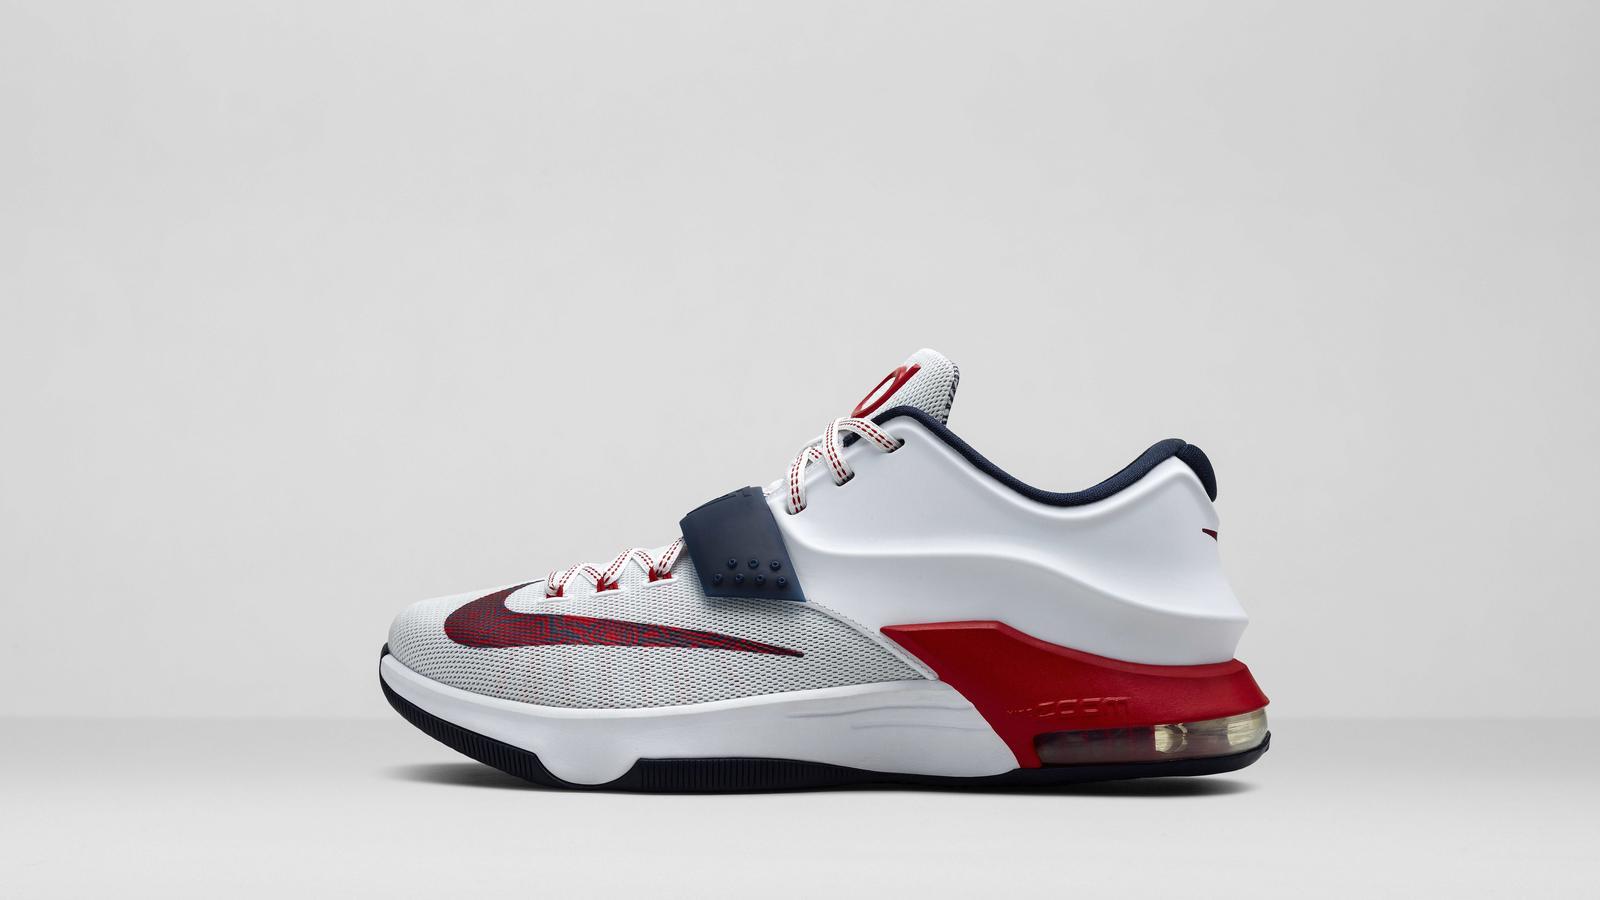 separation shoes 0fac7 68924 kdjuly4. kdcalmbeforethestorm1